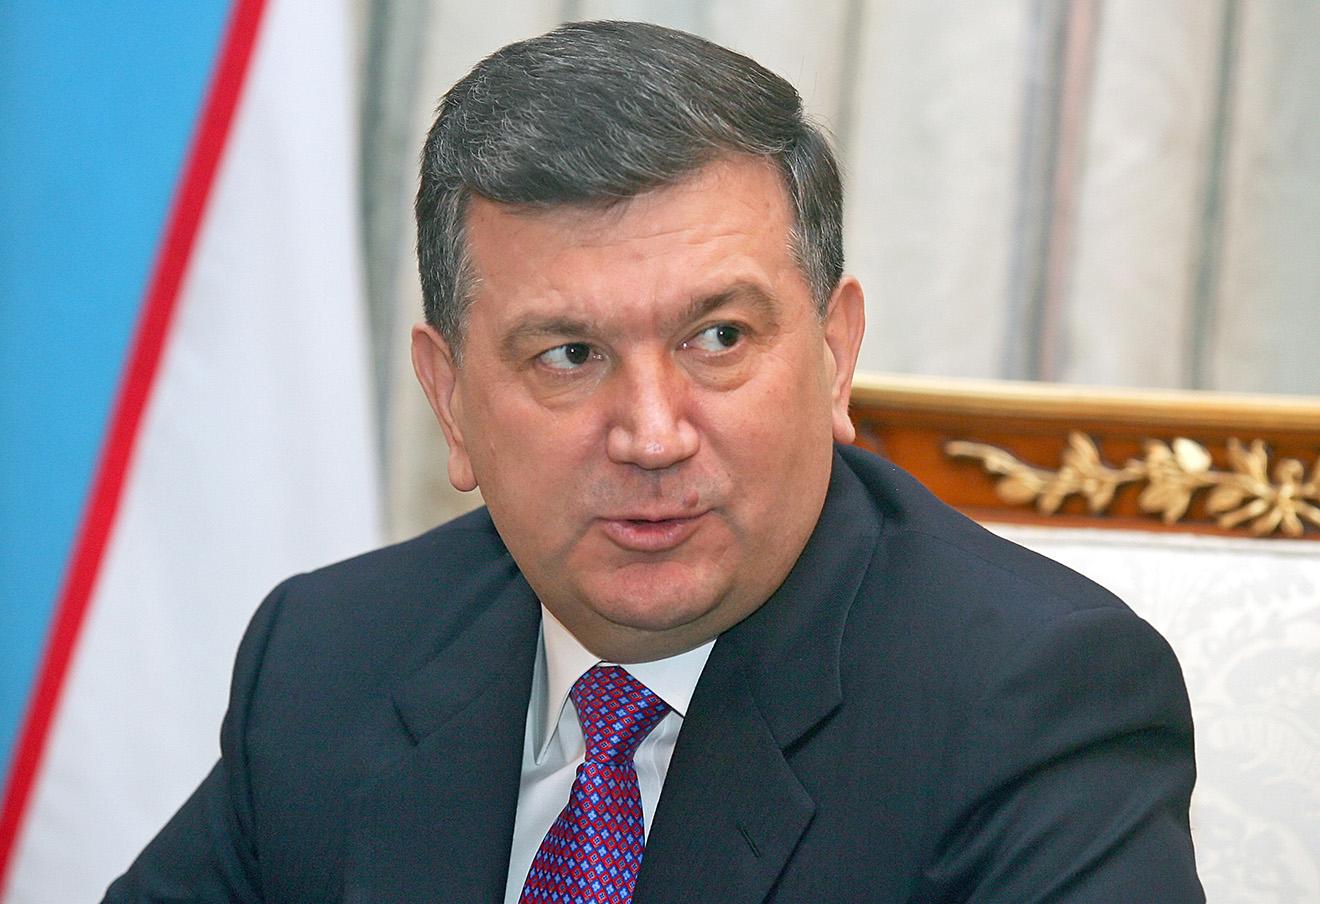 Шавкат Мирзияев. Фото: Виталий Белоусов / ТАСС / Архив